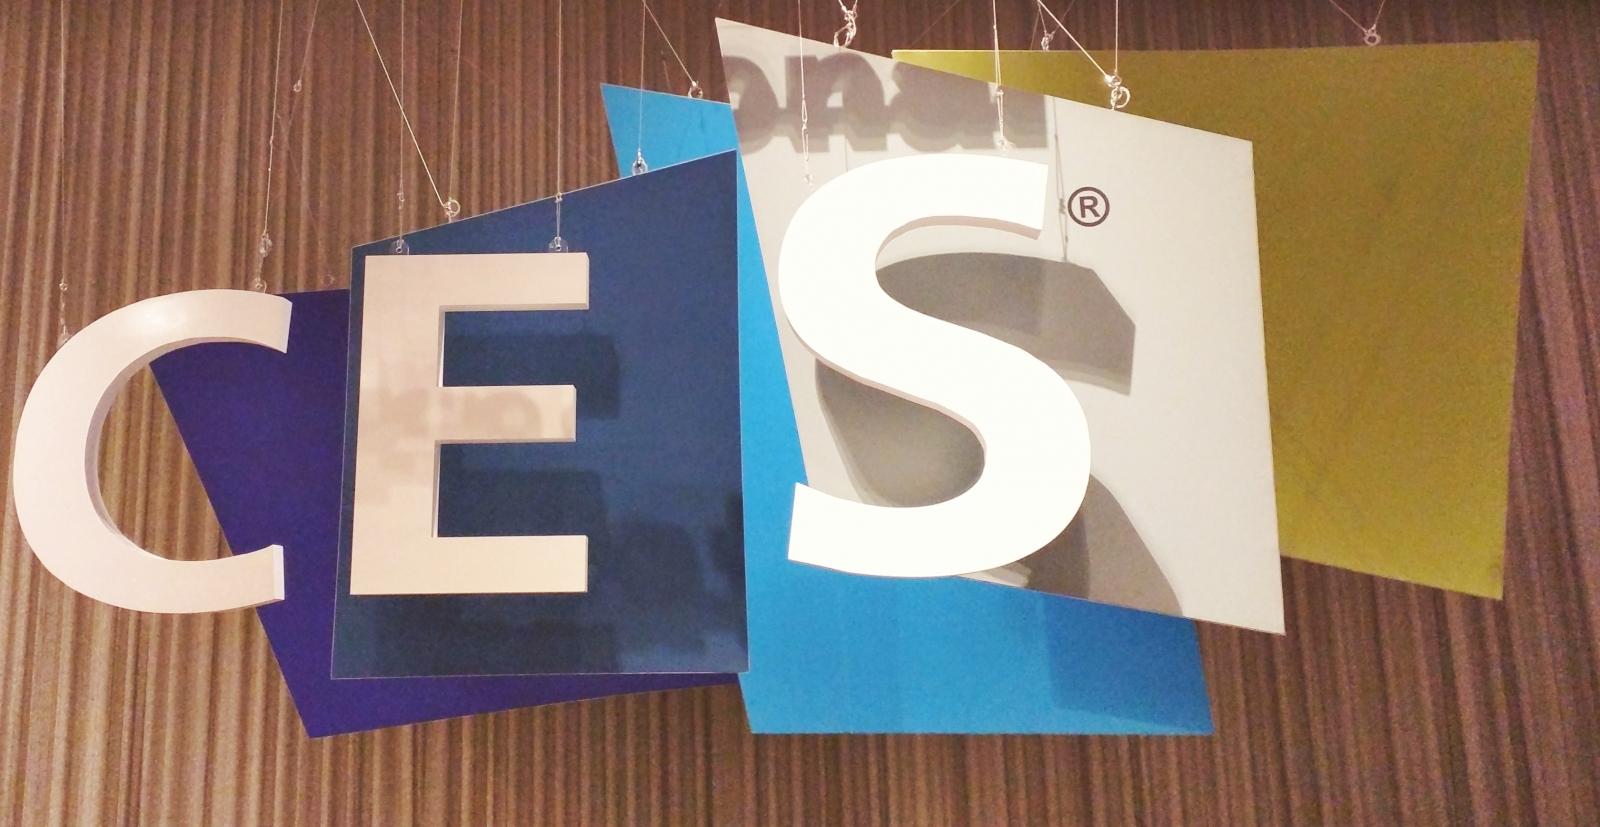 CEs 2015 Review